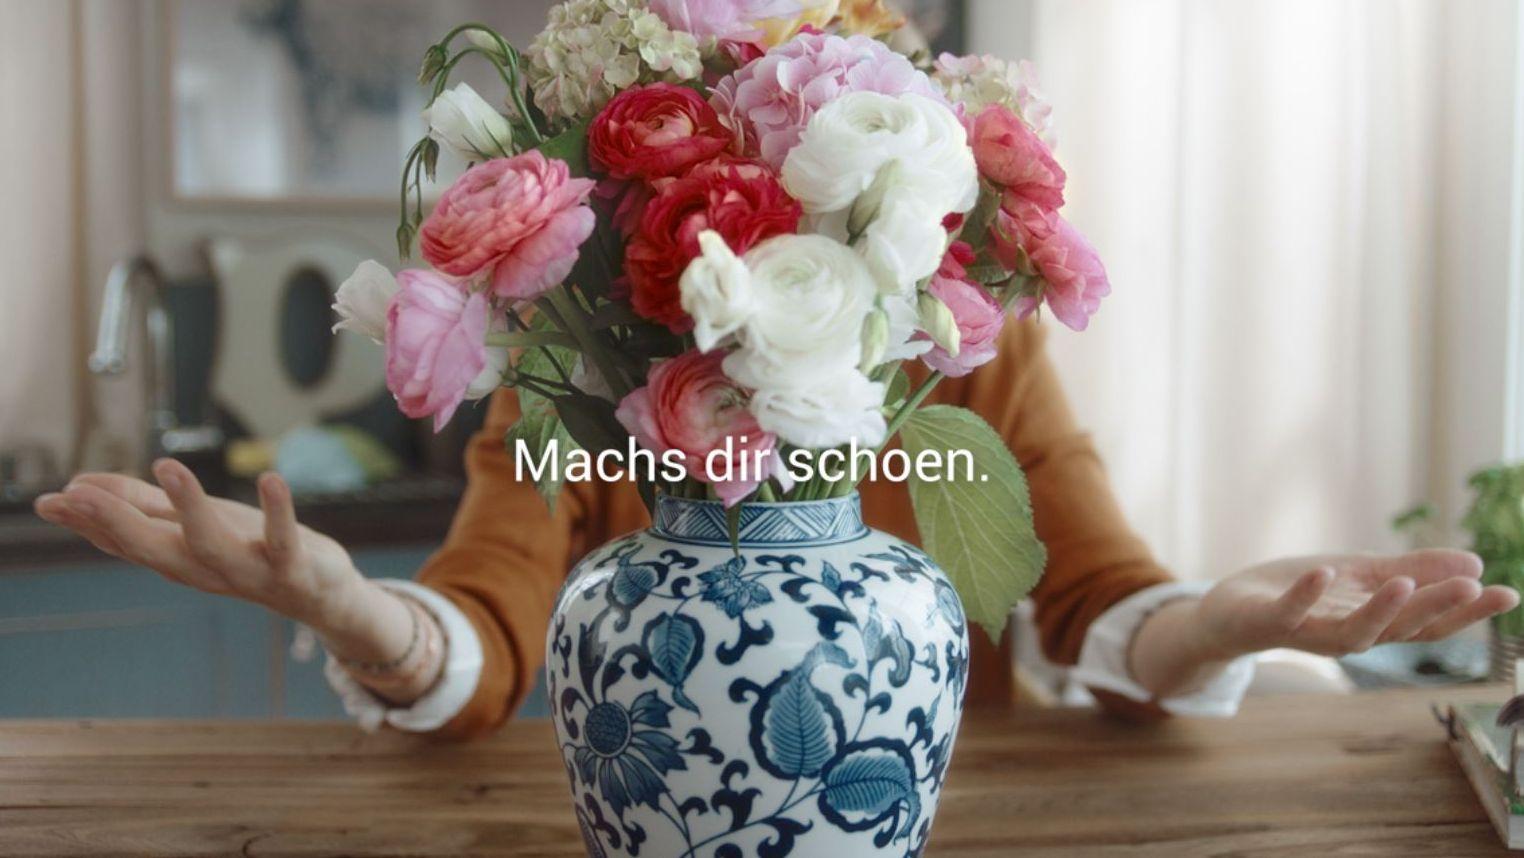 Möbel.de Werbung » Möbel